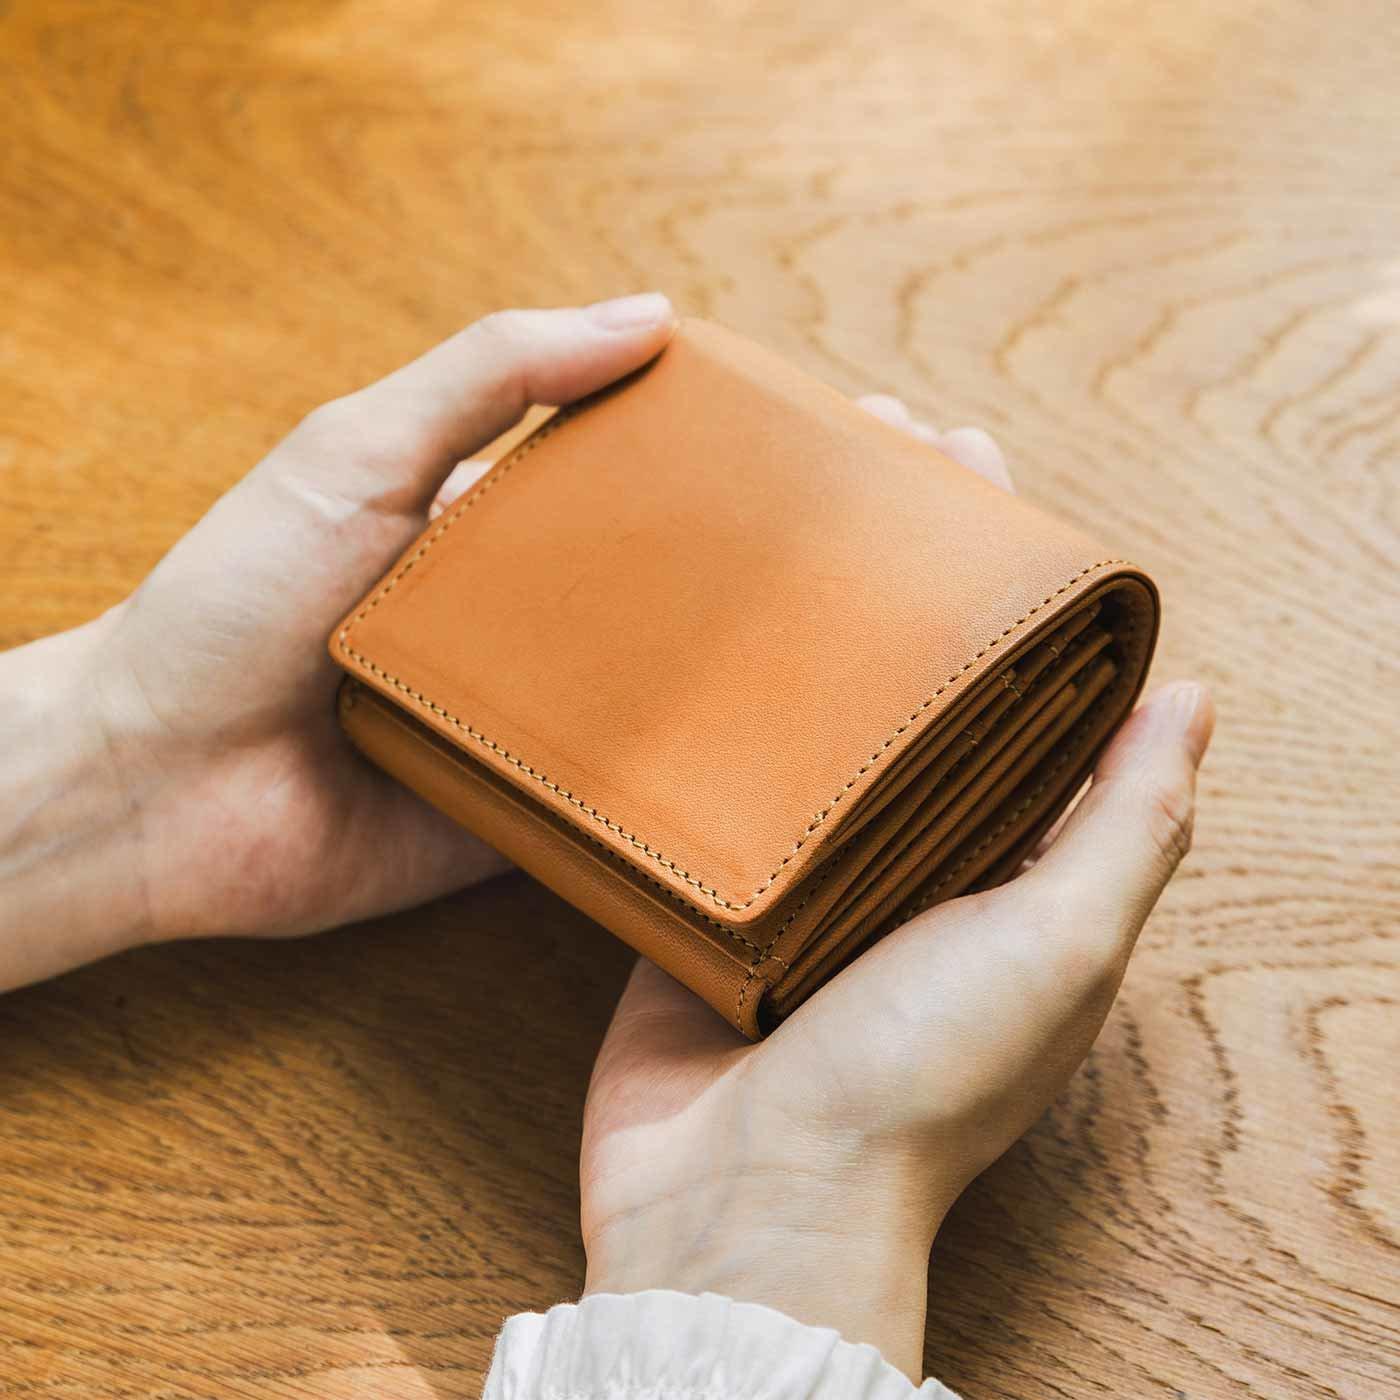 財布職人と作った 職人本革のポケットギャルソン財布〈キャメル〉[本革 財布:日本製]